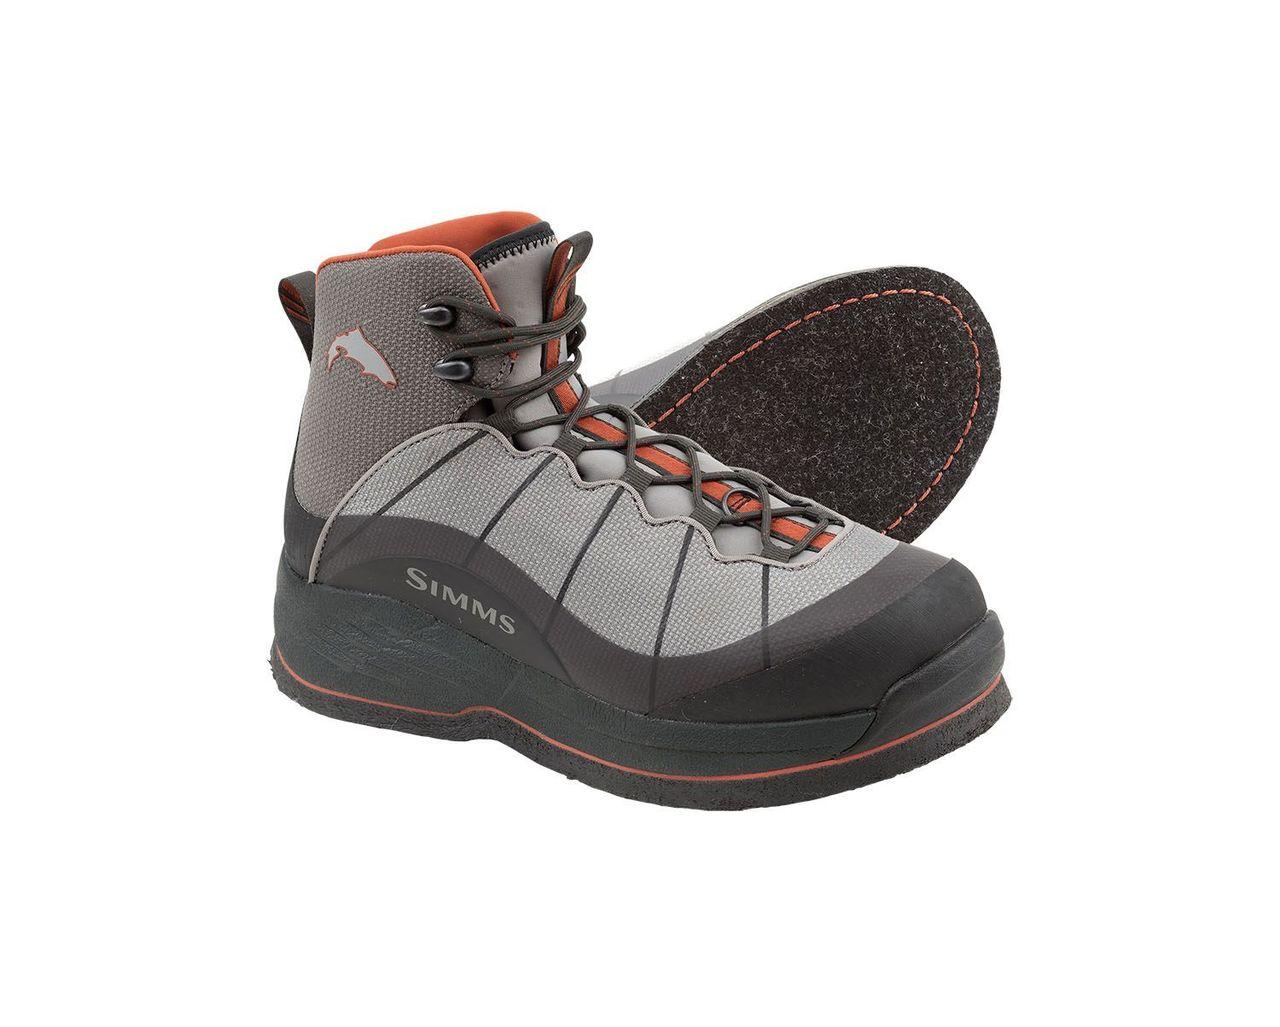 Chaussures Simms Femme - Flyweight Boot Felt- Pointure 37